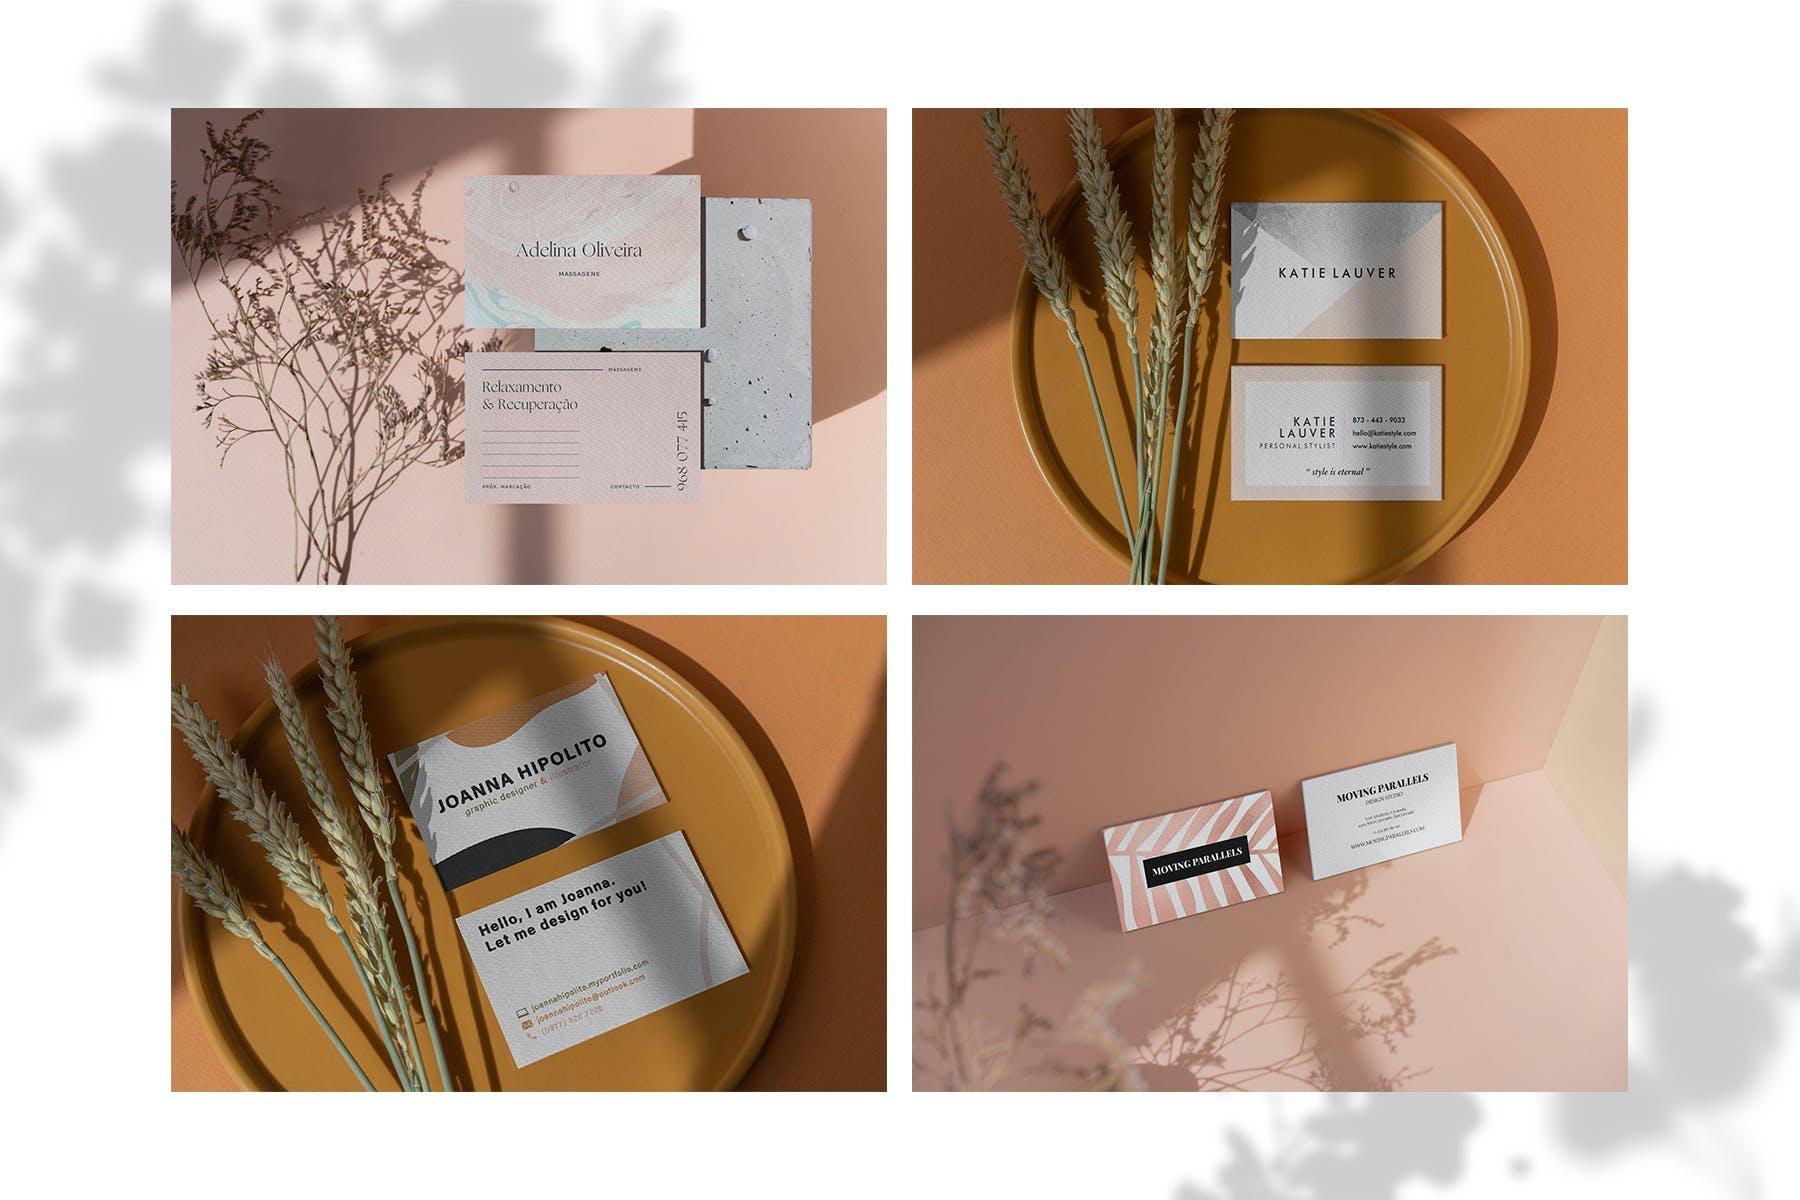 13款商务个人名片样机模板 Business Card Shadows Collection插图(2)